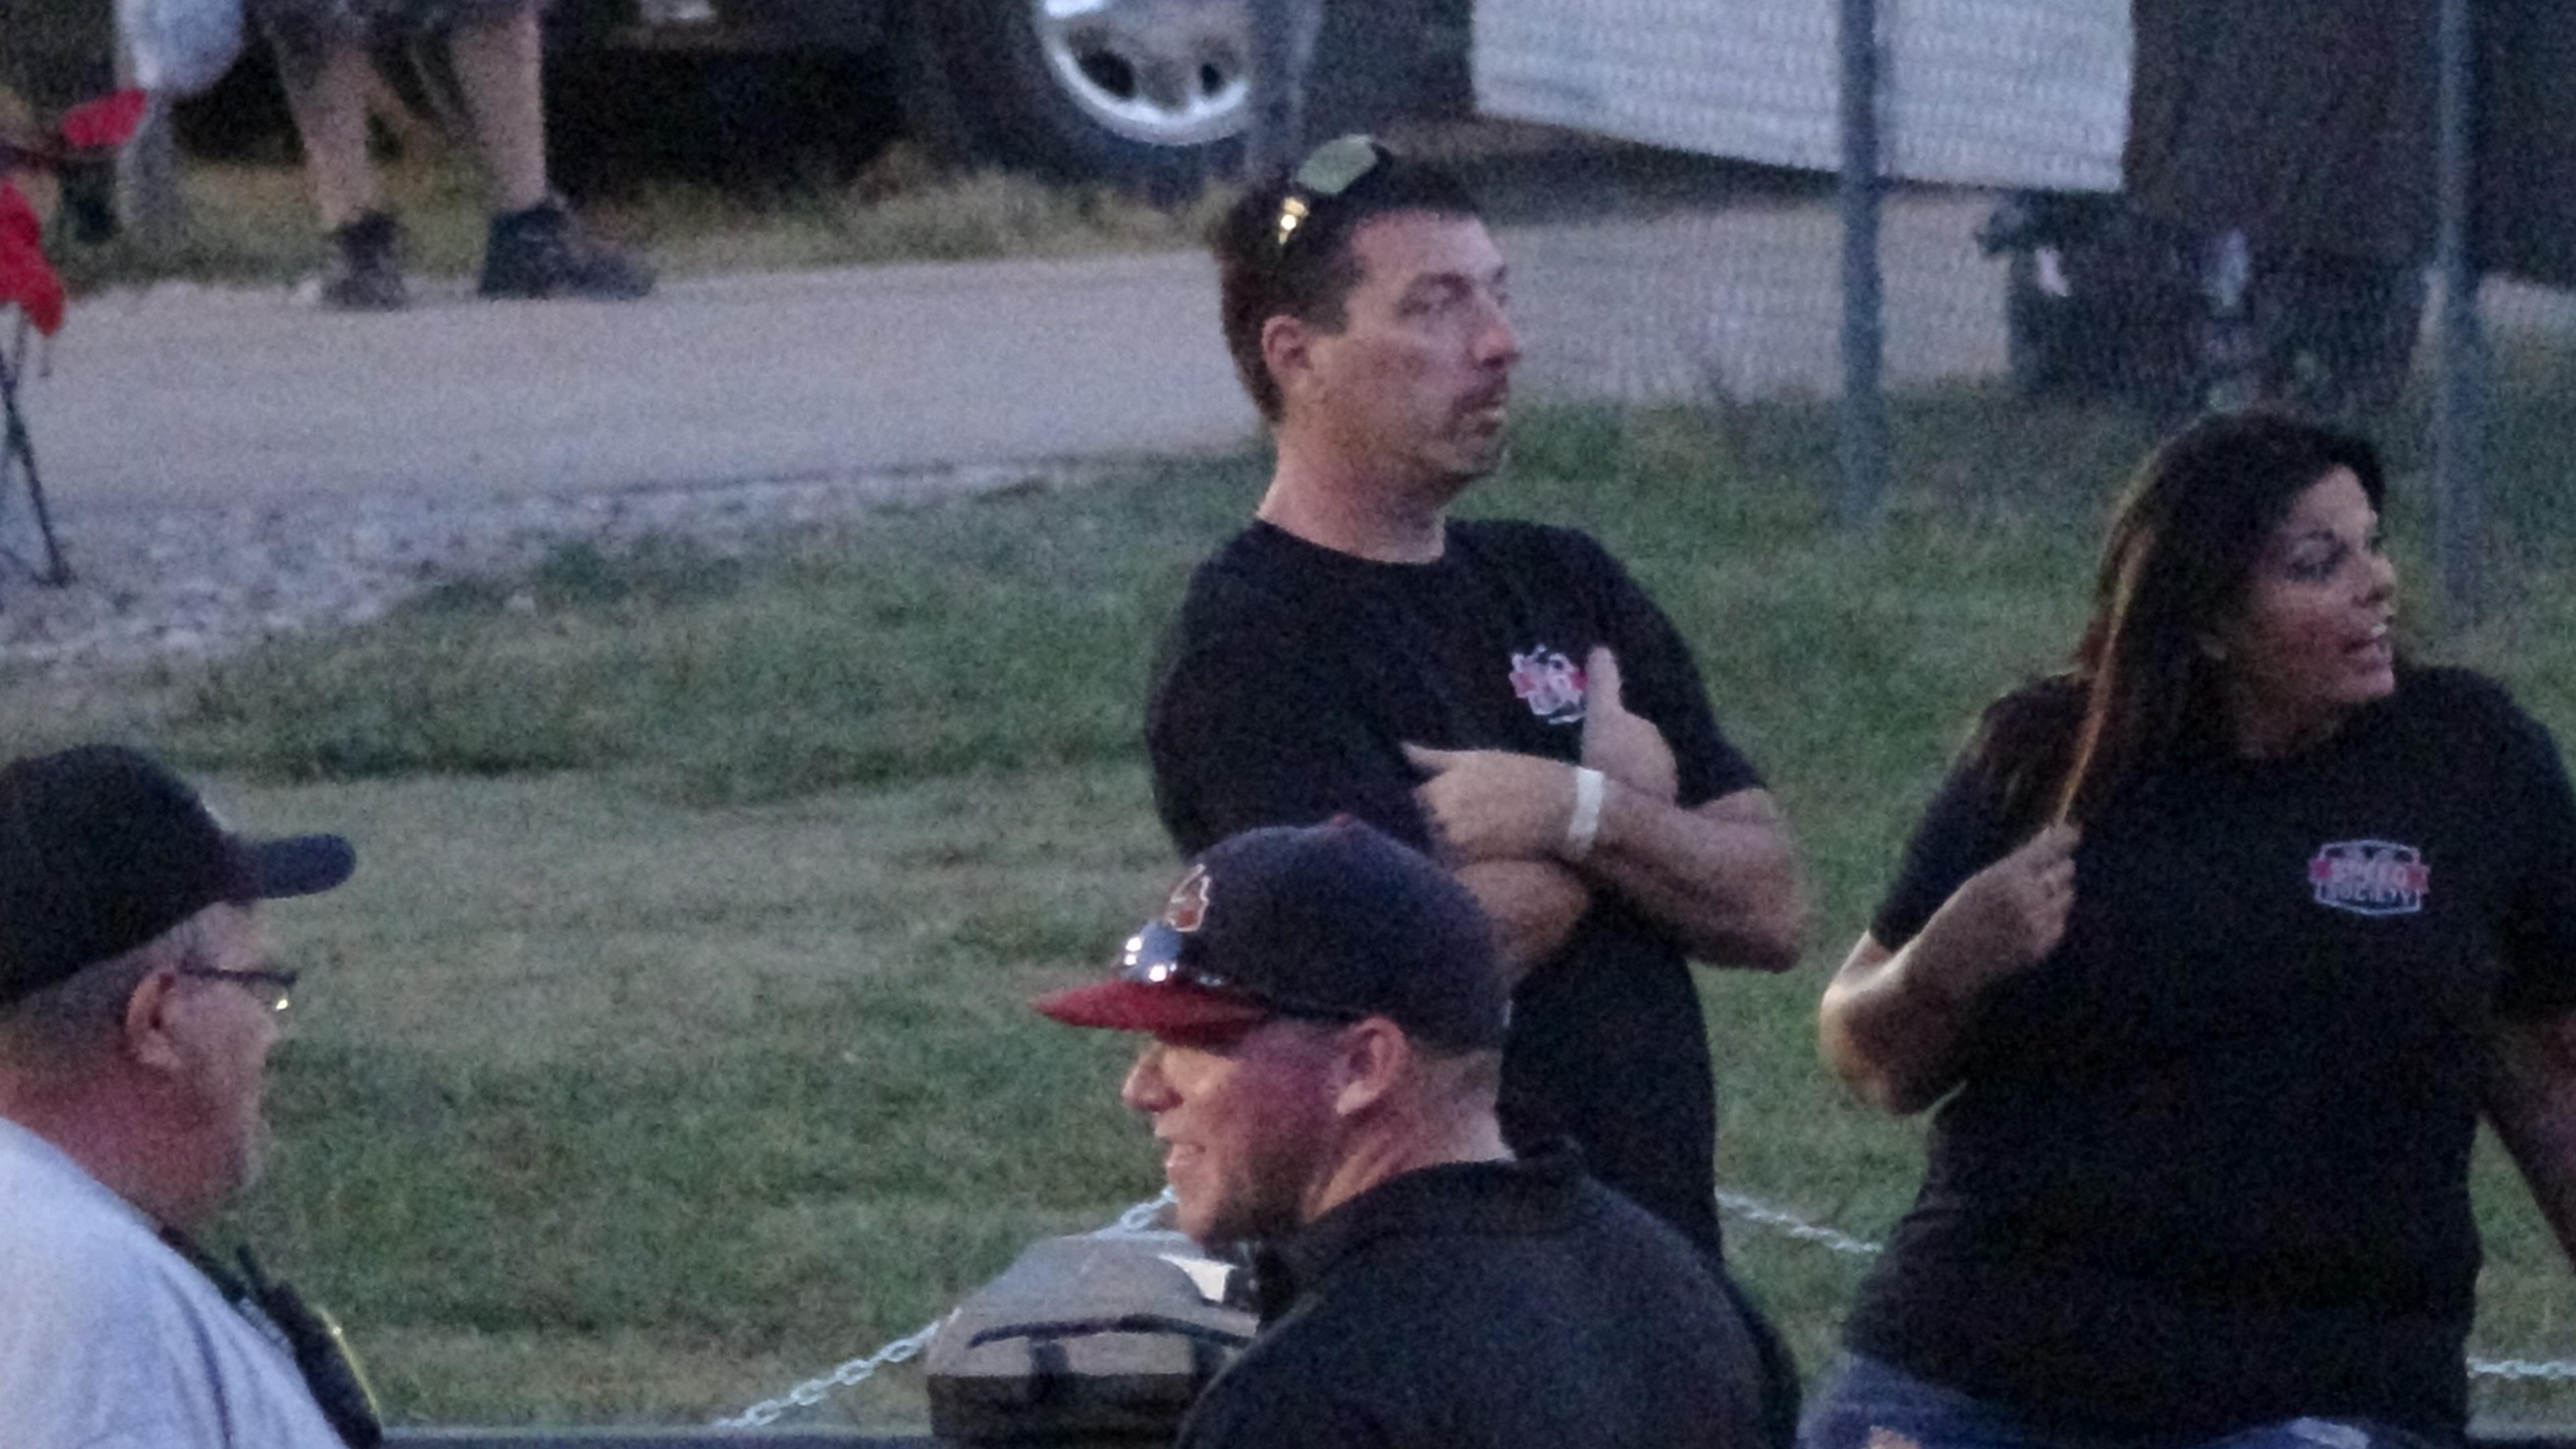 Daddy Dave Vs John Andrade Racing At Outlaw Armageddon